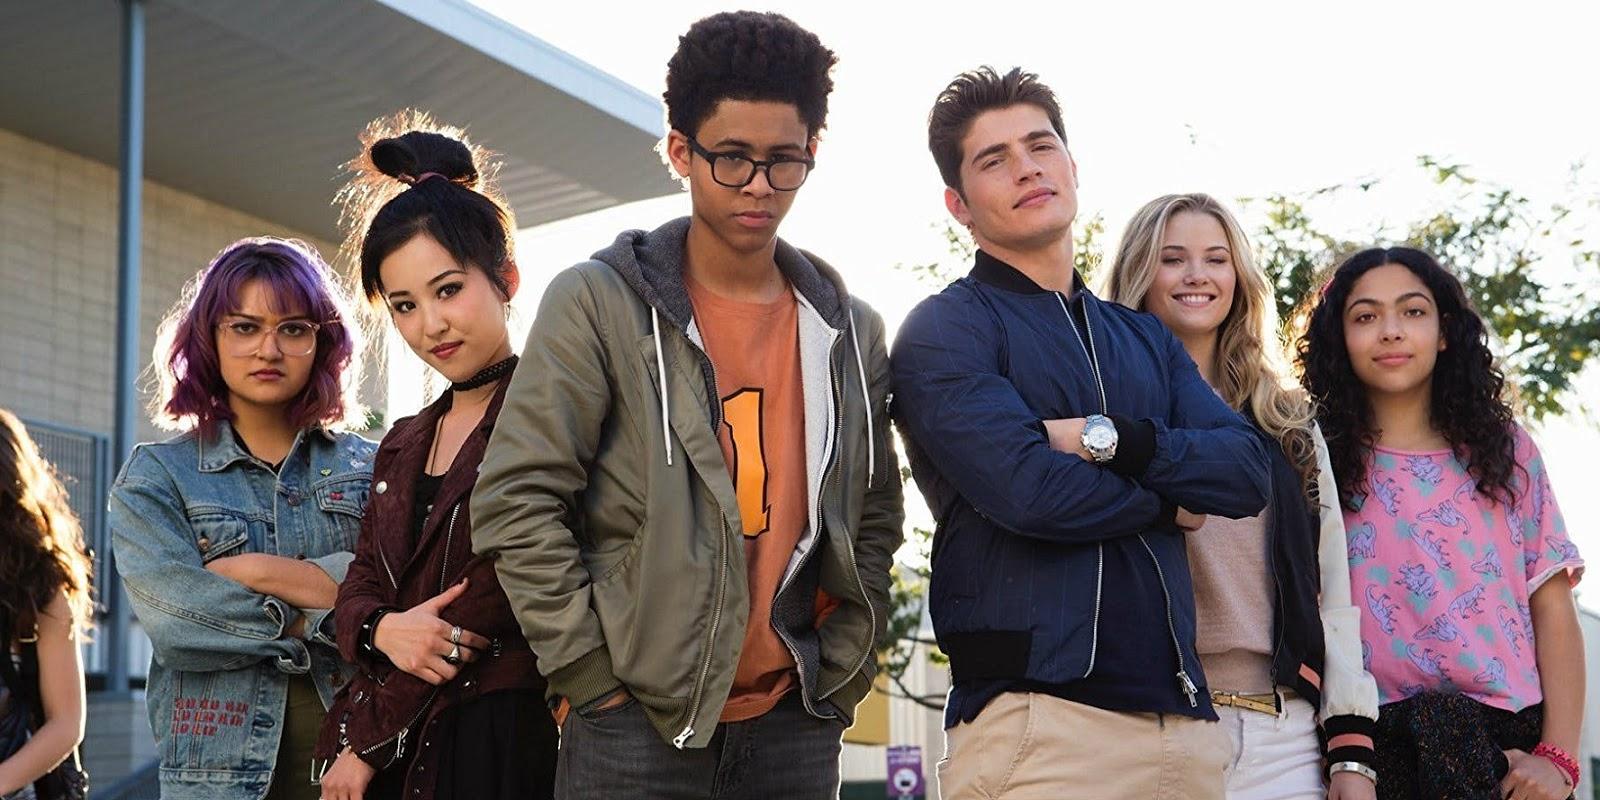 Gert, Nico, Alex, Chase, Karoline y Molly, los protagonistas de Runaways de Marvel